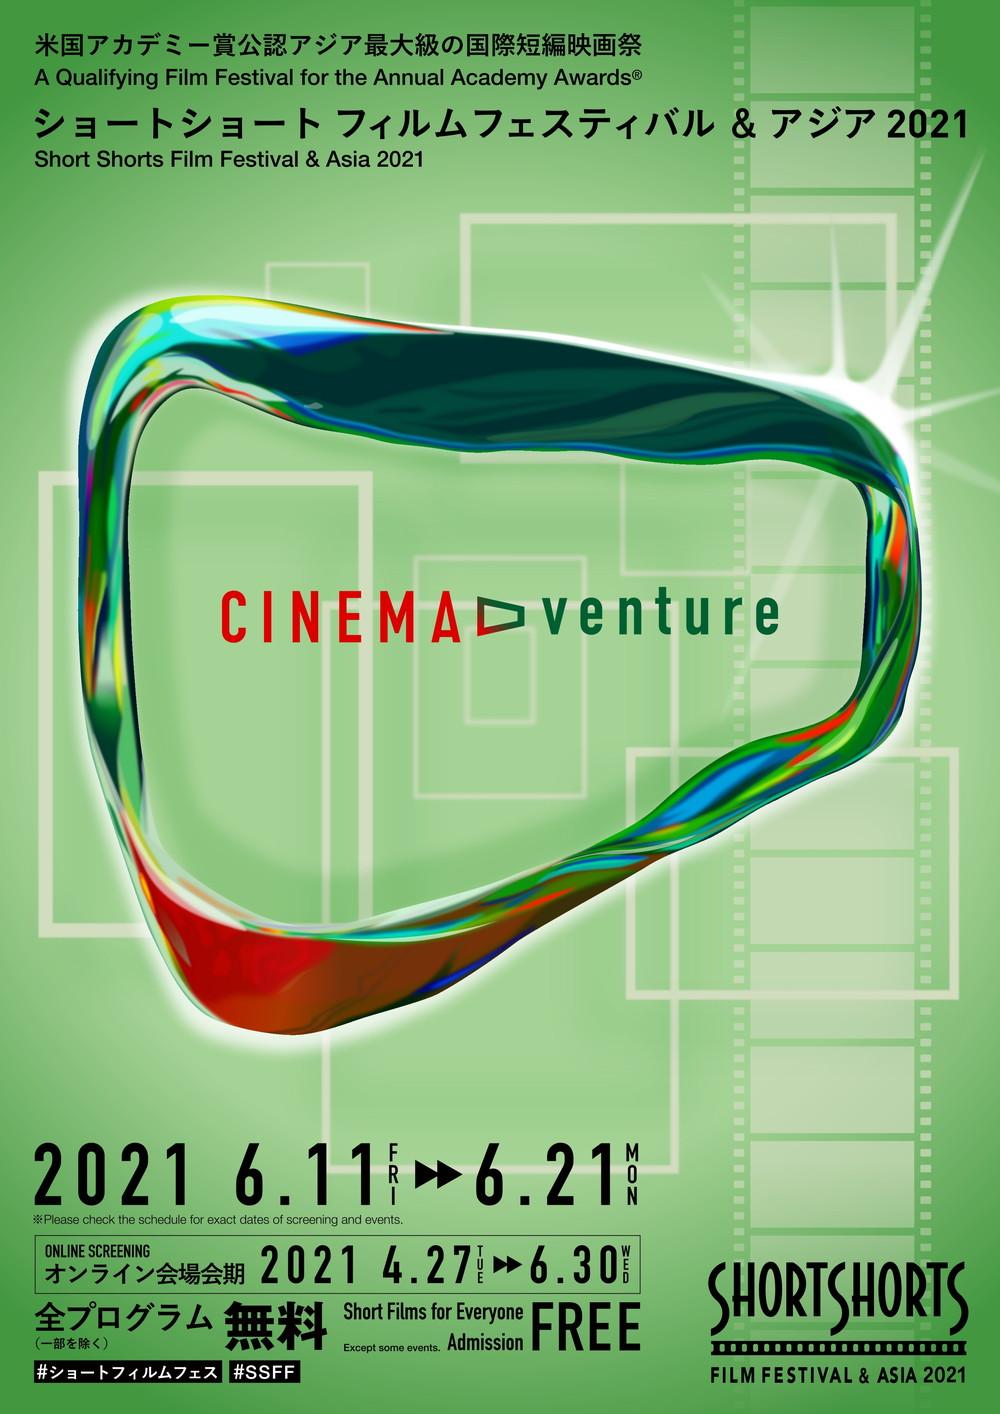 ショートショート フィルムフェスティバル & アジア 2021SSFF&ASIA